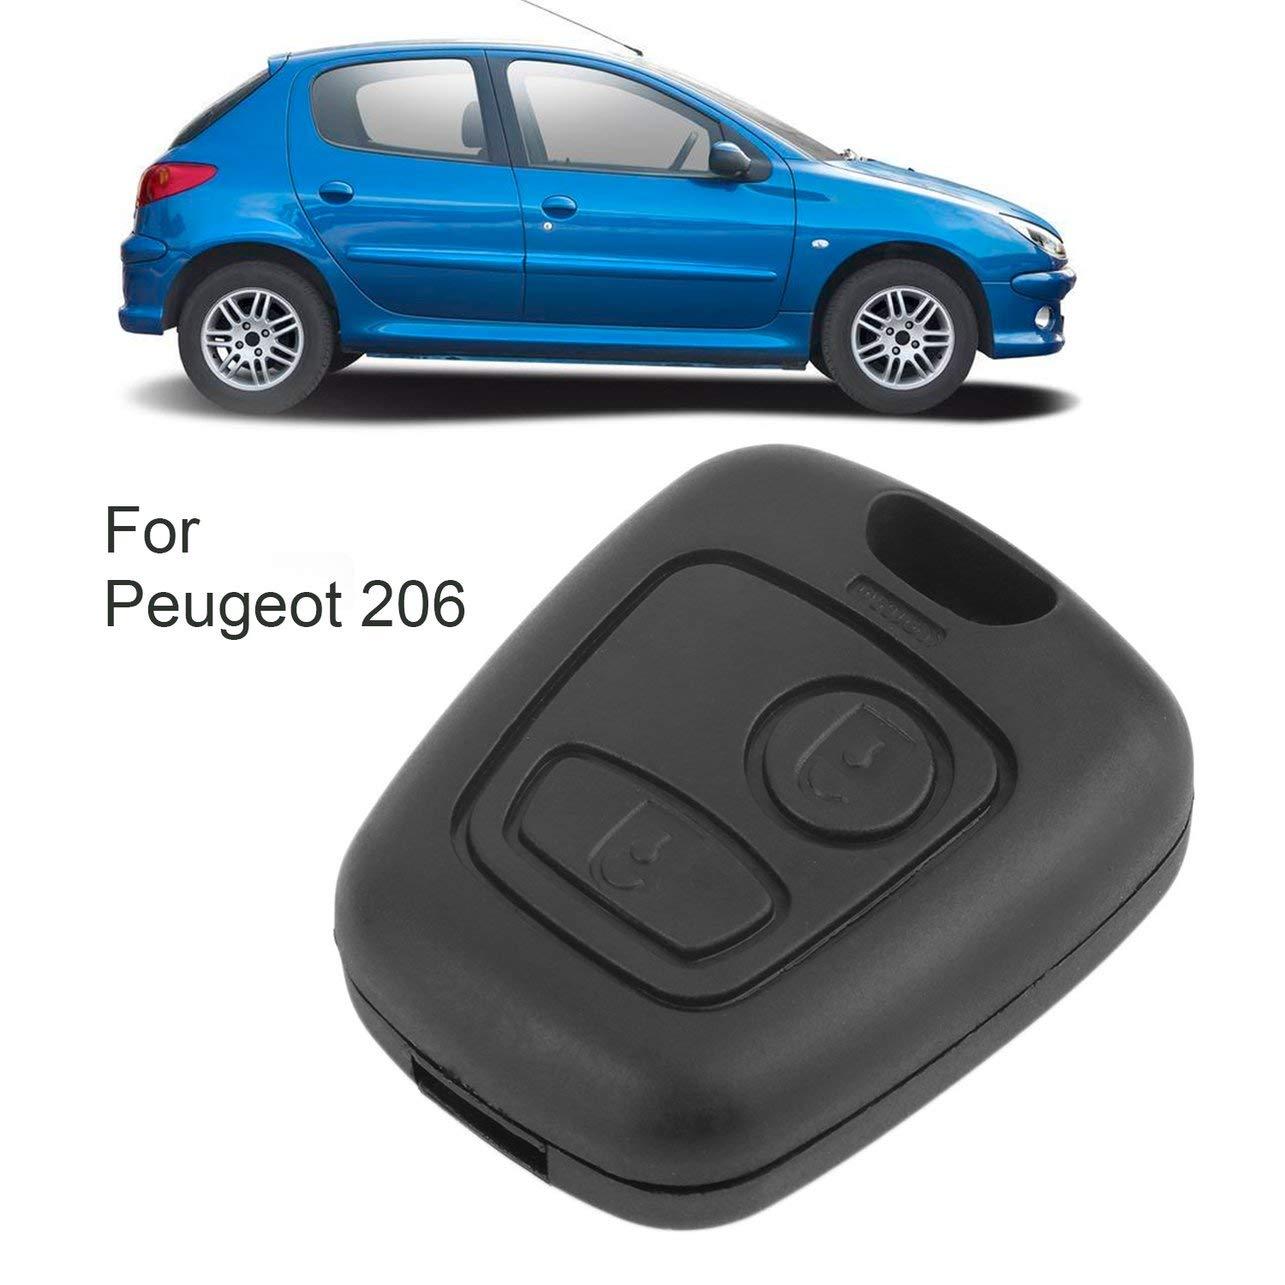 WOSOSYEYO Reemplazo Casa l/ámina sin Cortar la Llave del Coche Cubierta de protecci/ón Carcasa Clave para Peugeot 106 107 206 207 407 806 Funda Botones Mando